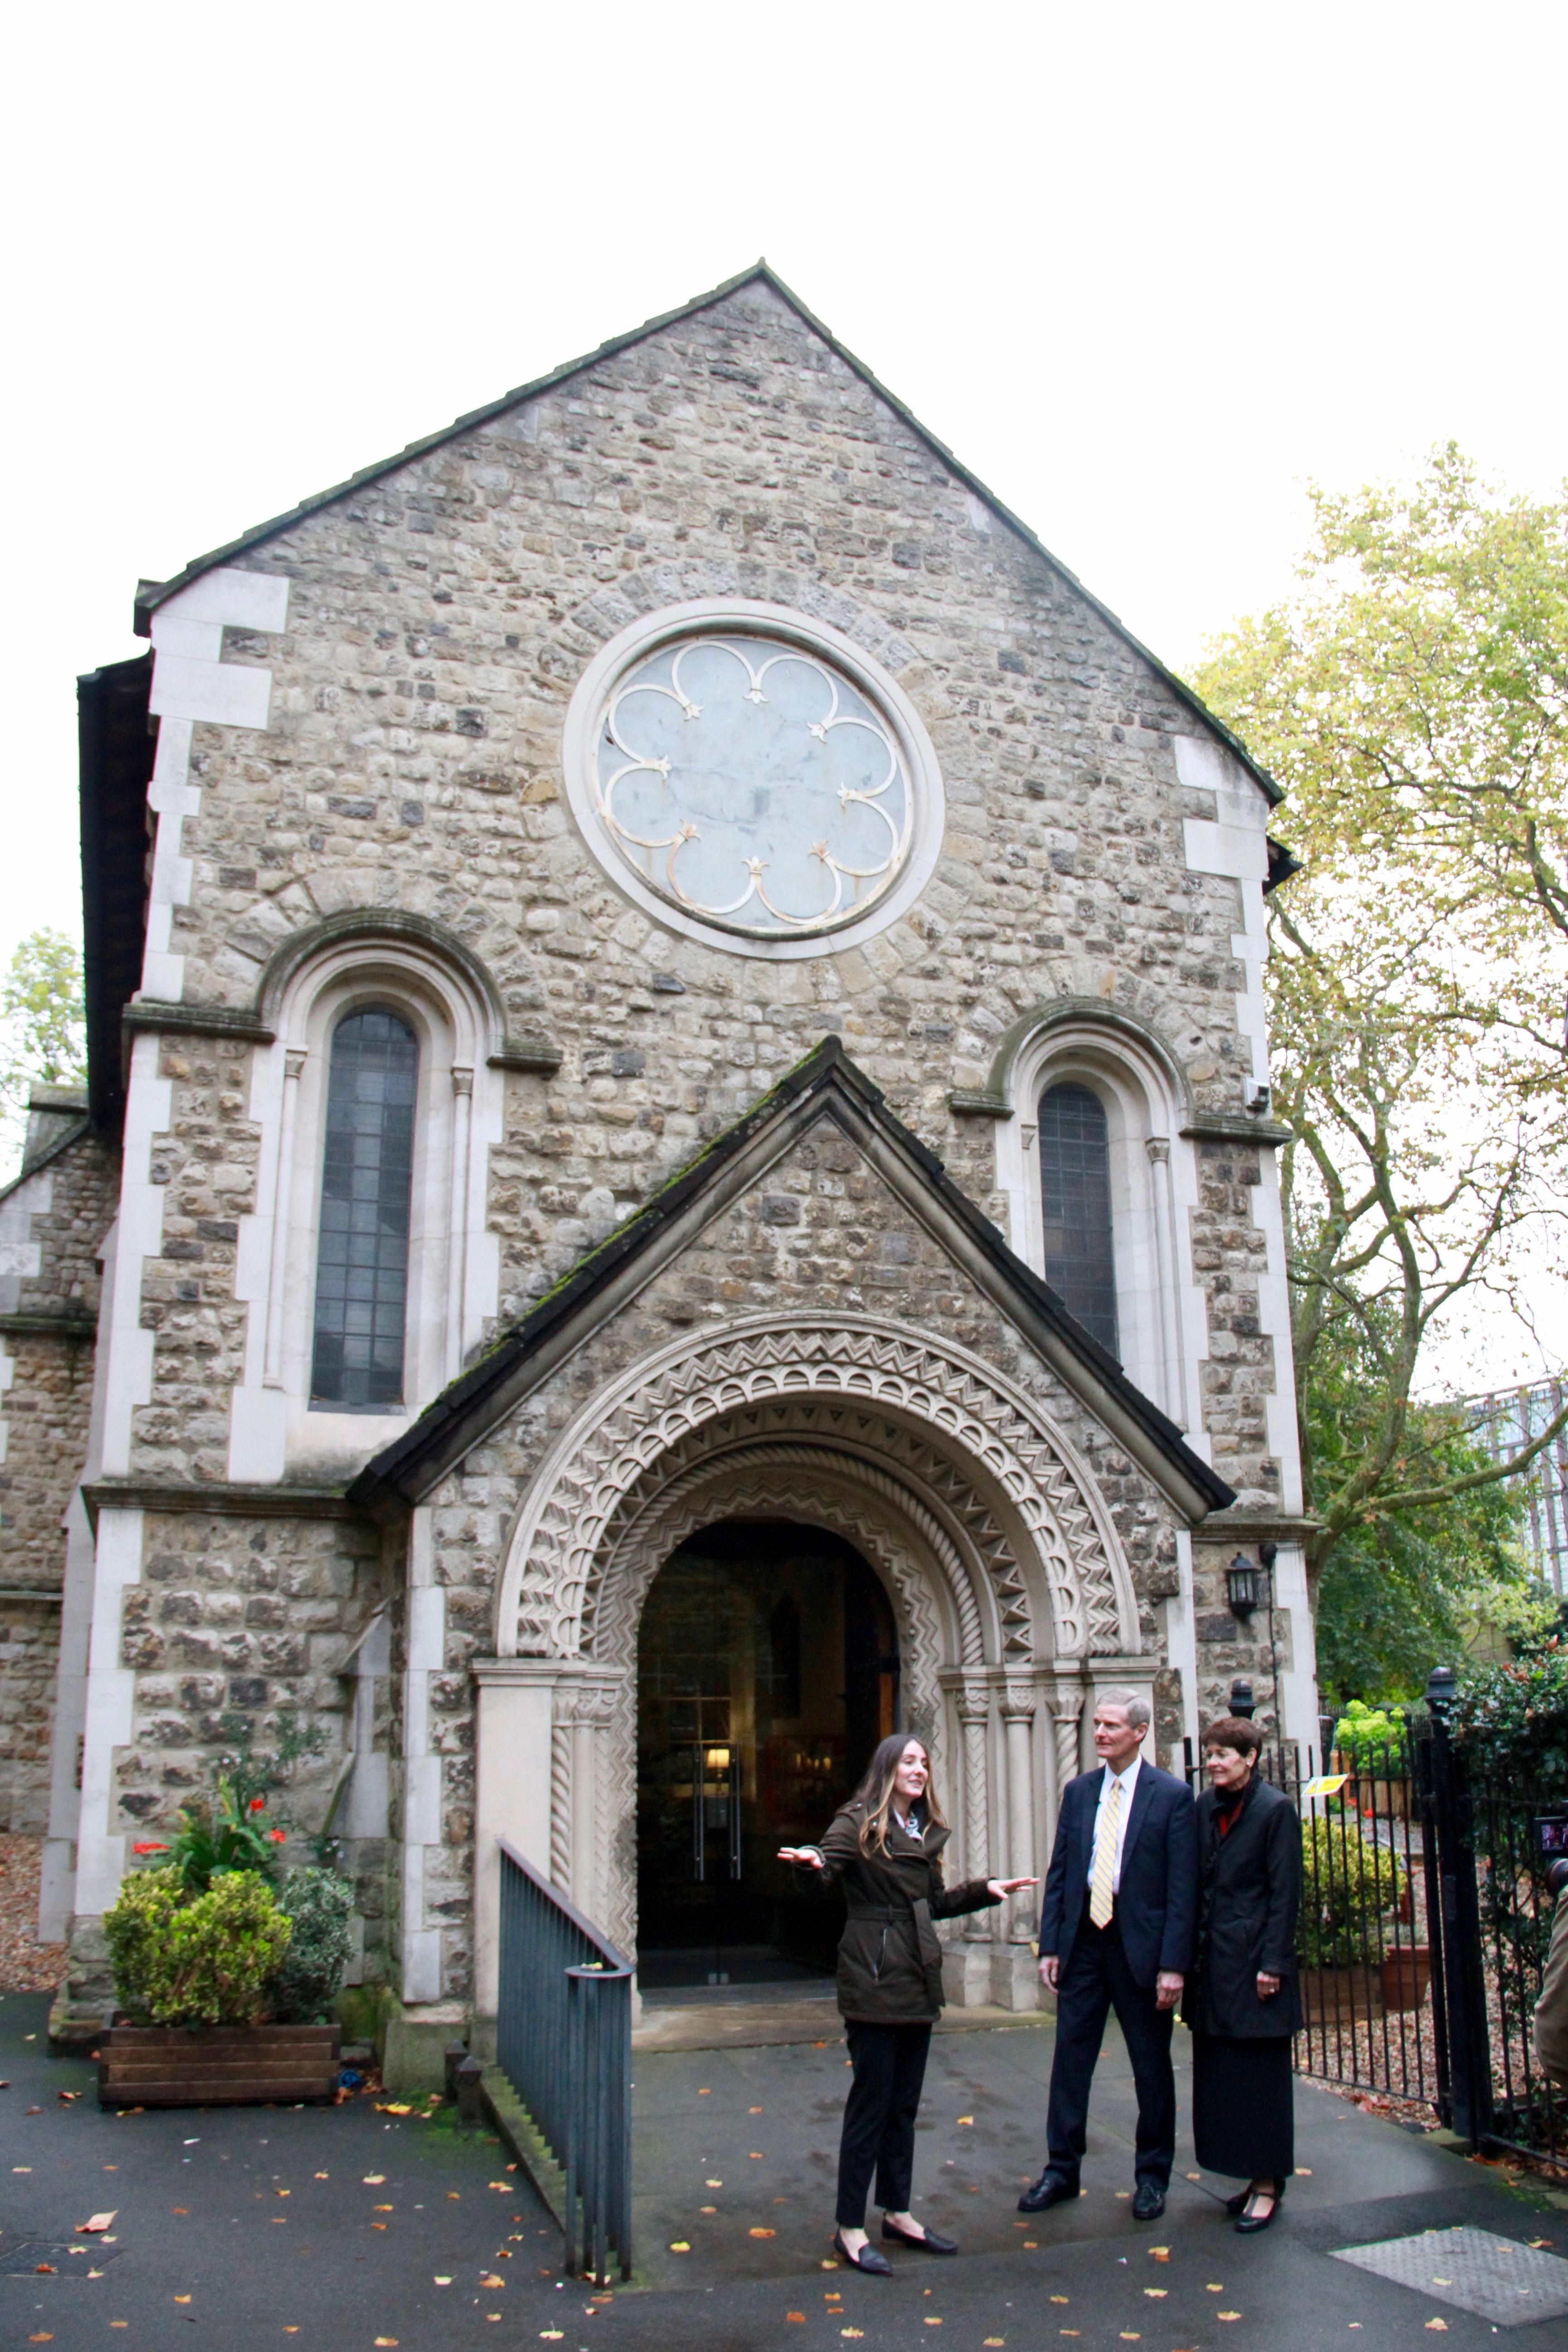 Whitney Peterson, una estratega de contenidos de FamilySearch especializada en las Islas Británicas, les cuenta los antecedentes históricos de la iglesia St. Pancras Old Church al élder David A. Bednar y a su esposa, la hermana Susan Bednar, el 25 de octubre de 2019, en Londres.